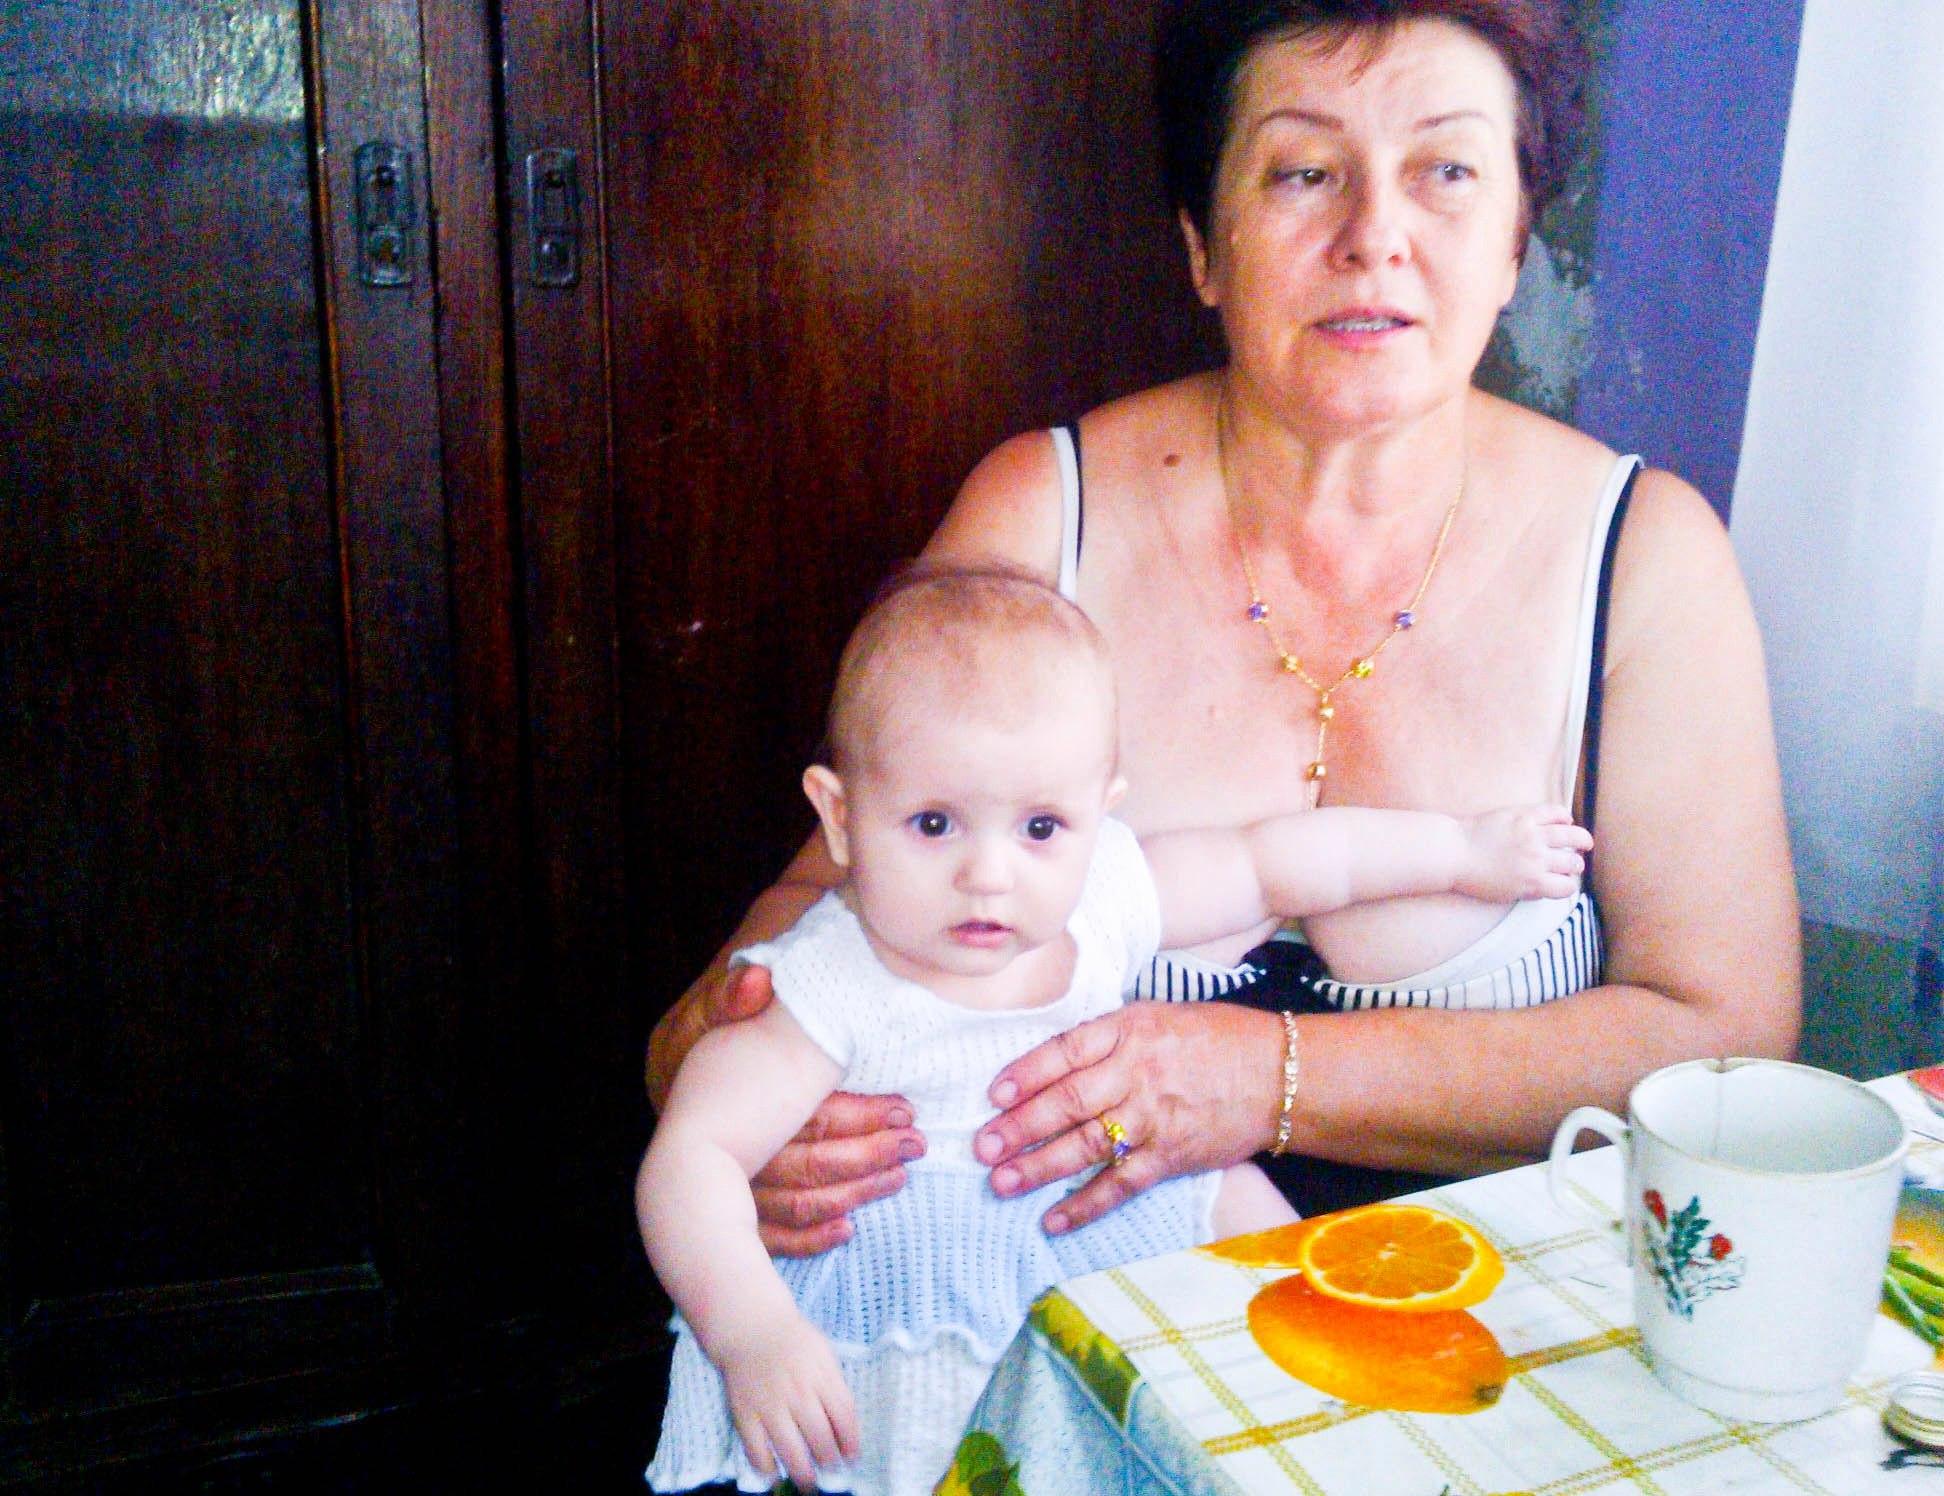 Тетя совратила плимяника, Красивая тетя соблазнила племянника (видео) 23 фотография